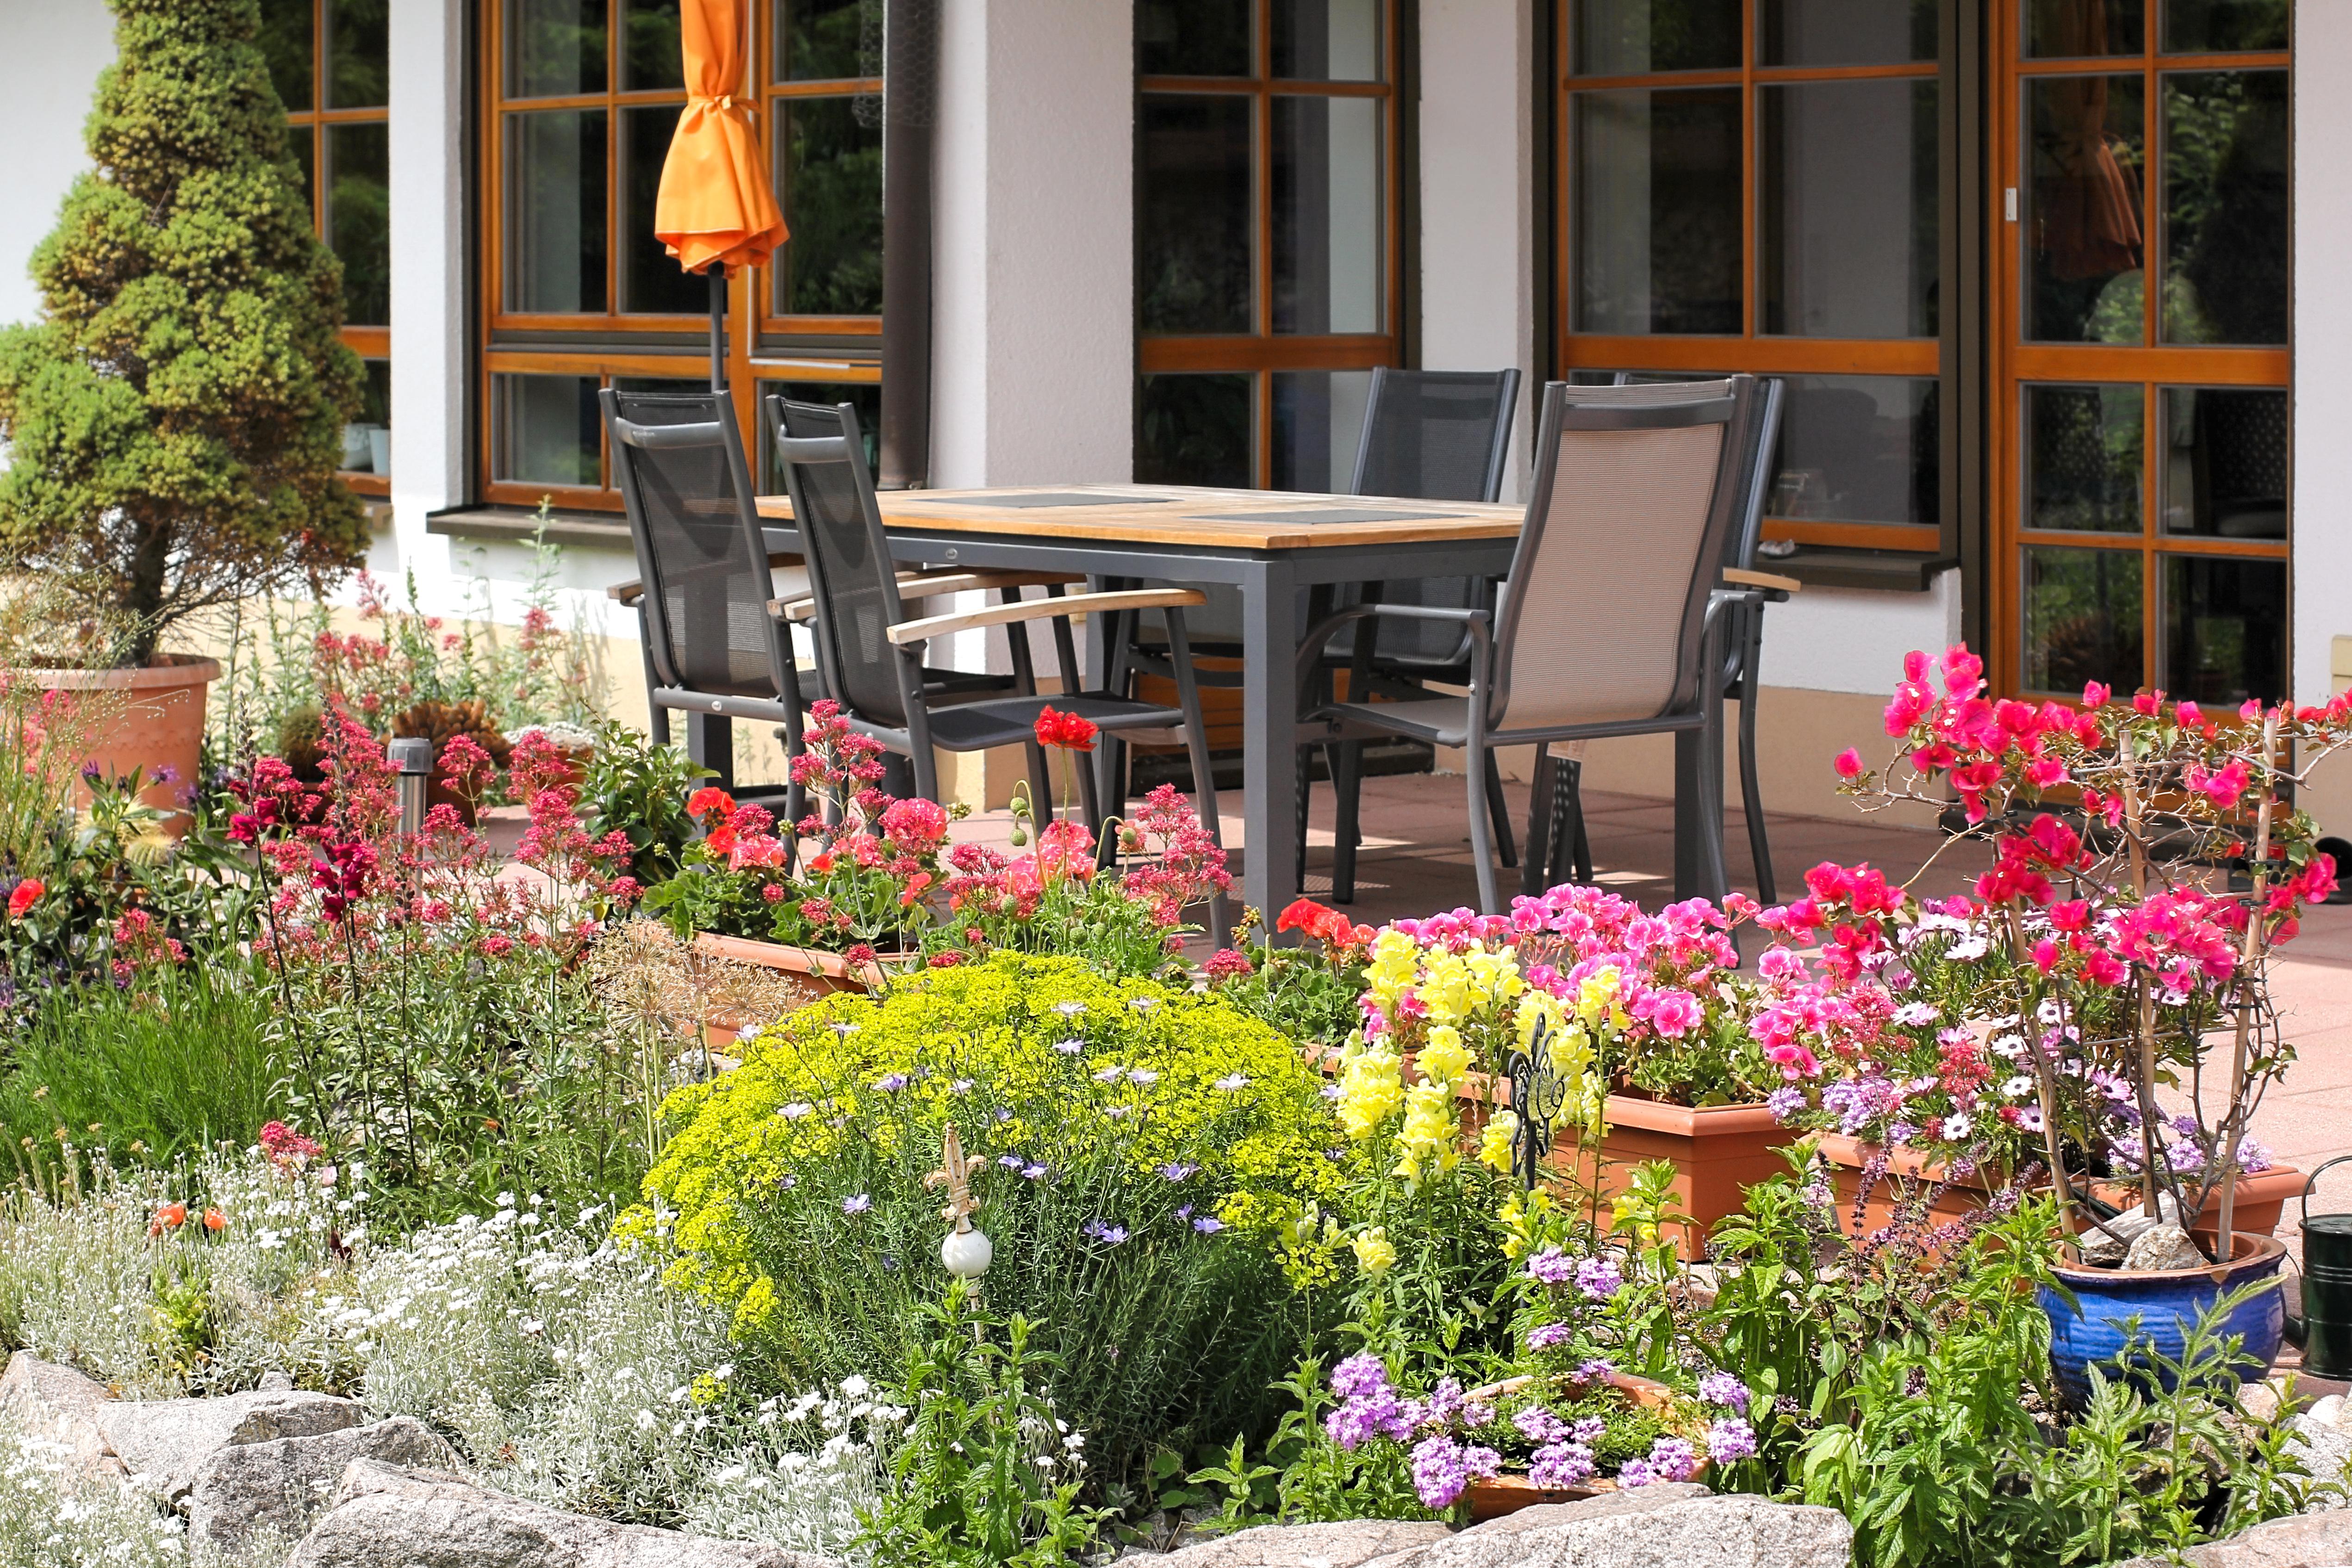 Sistemare Giardino Di Casa creare un giardino dentro casa — idealista/news